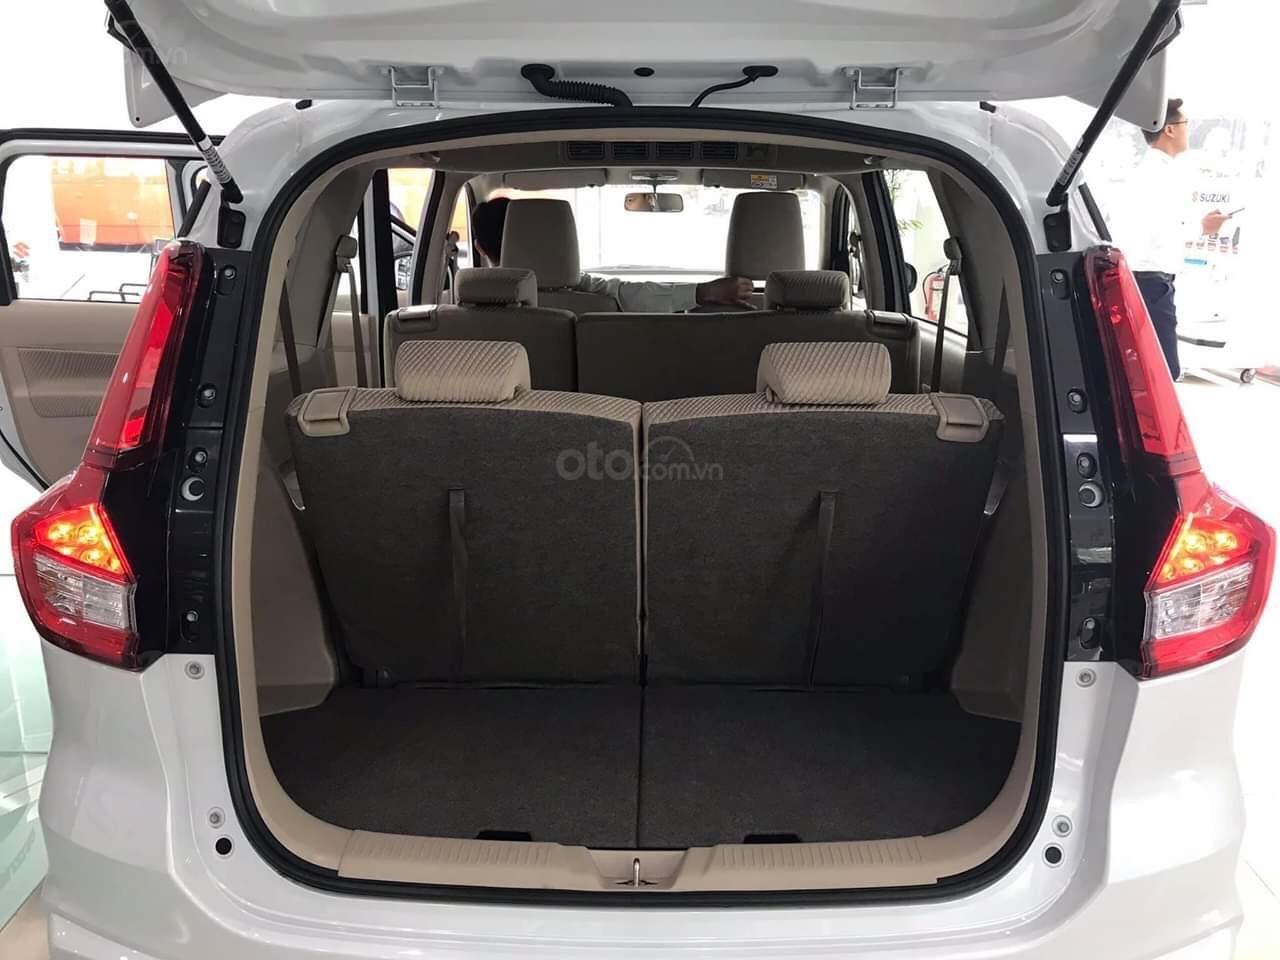 Bán xe Suzuki Ertiga nhập khẩu giao ngay màu đen, trắng, bạc và nâu liên hệ 0933460777 (3)